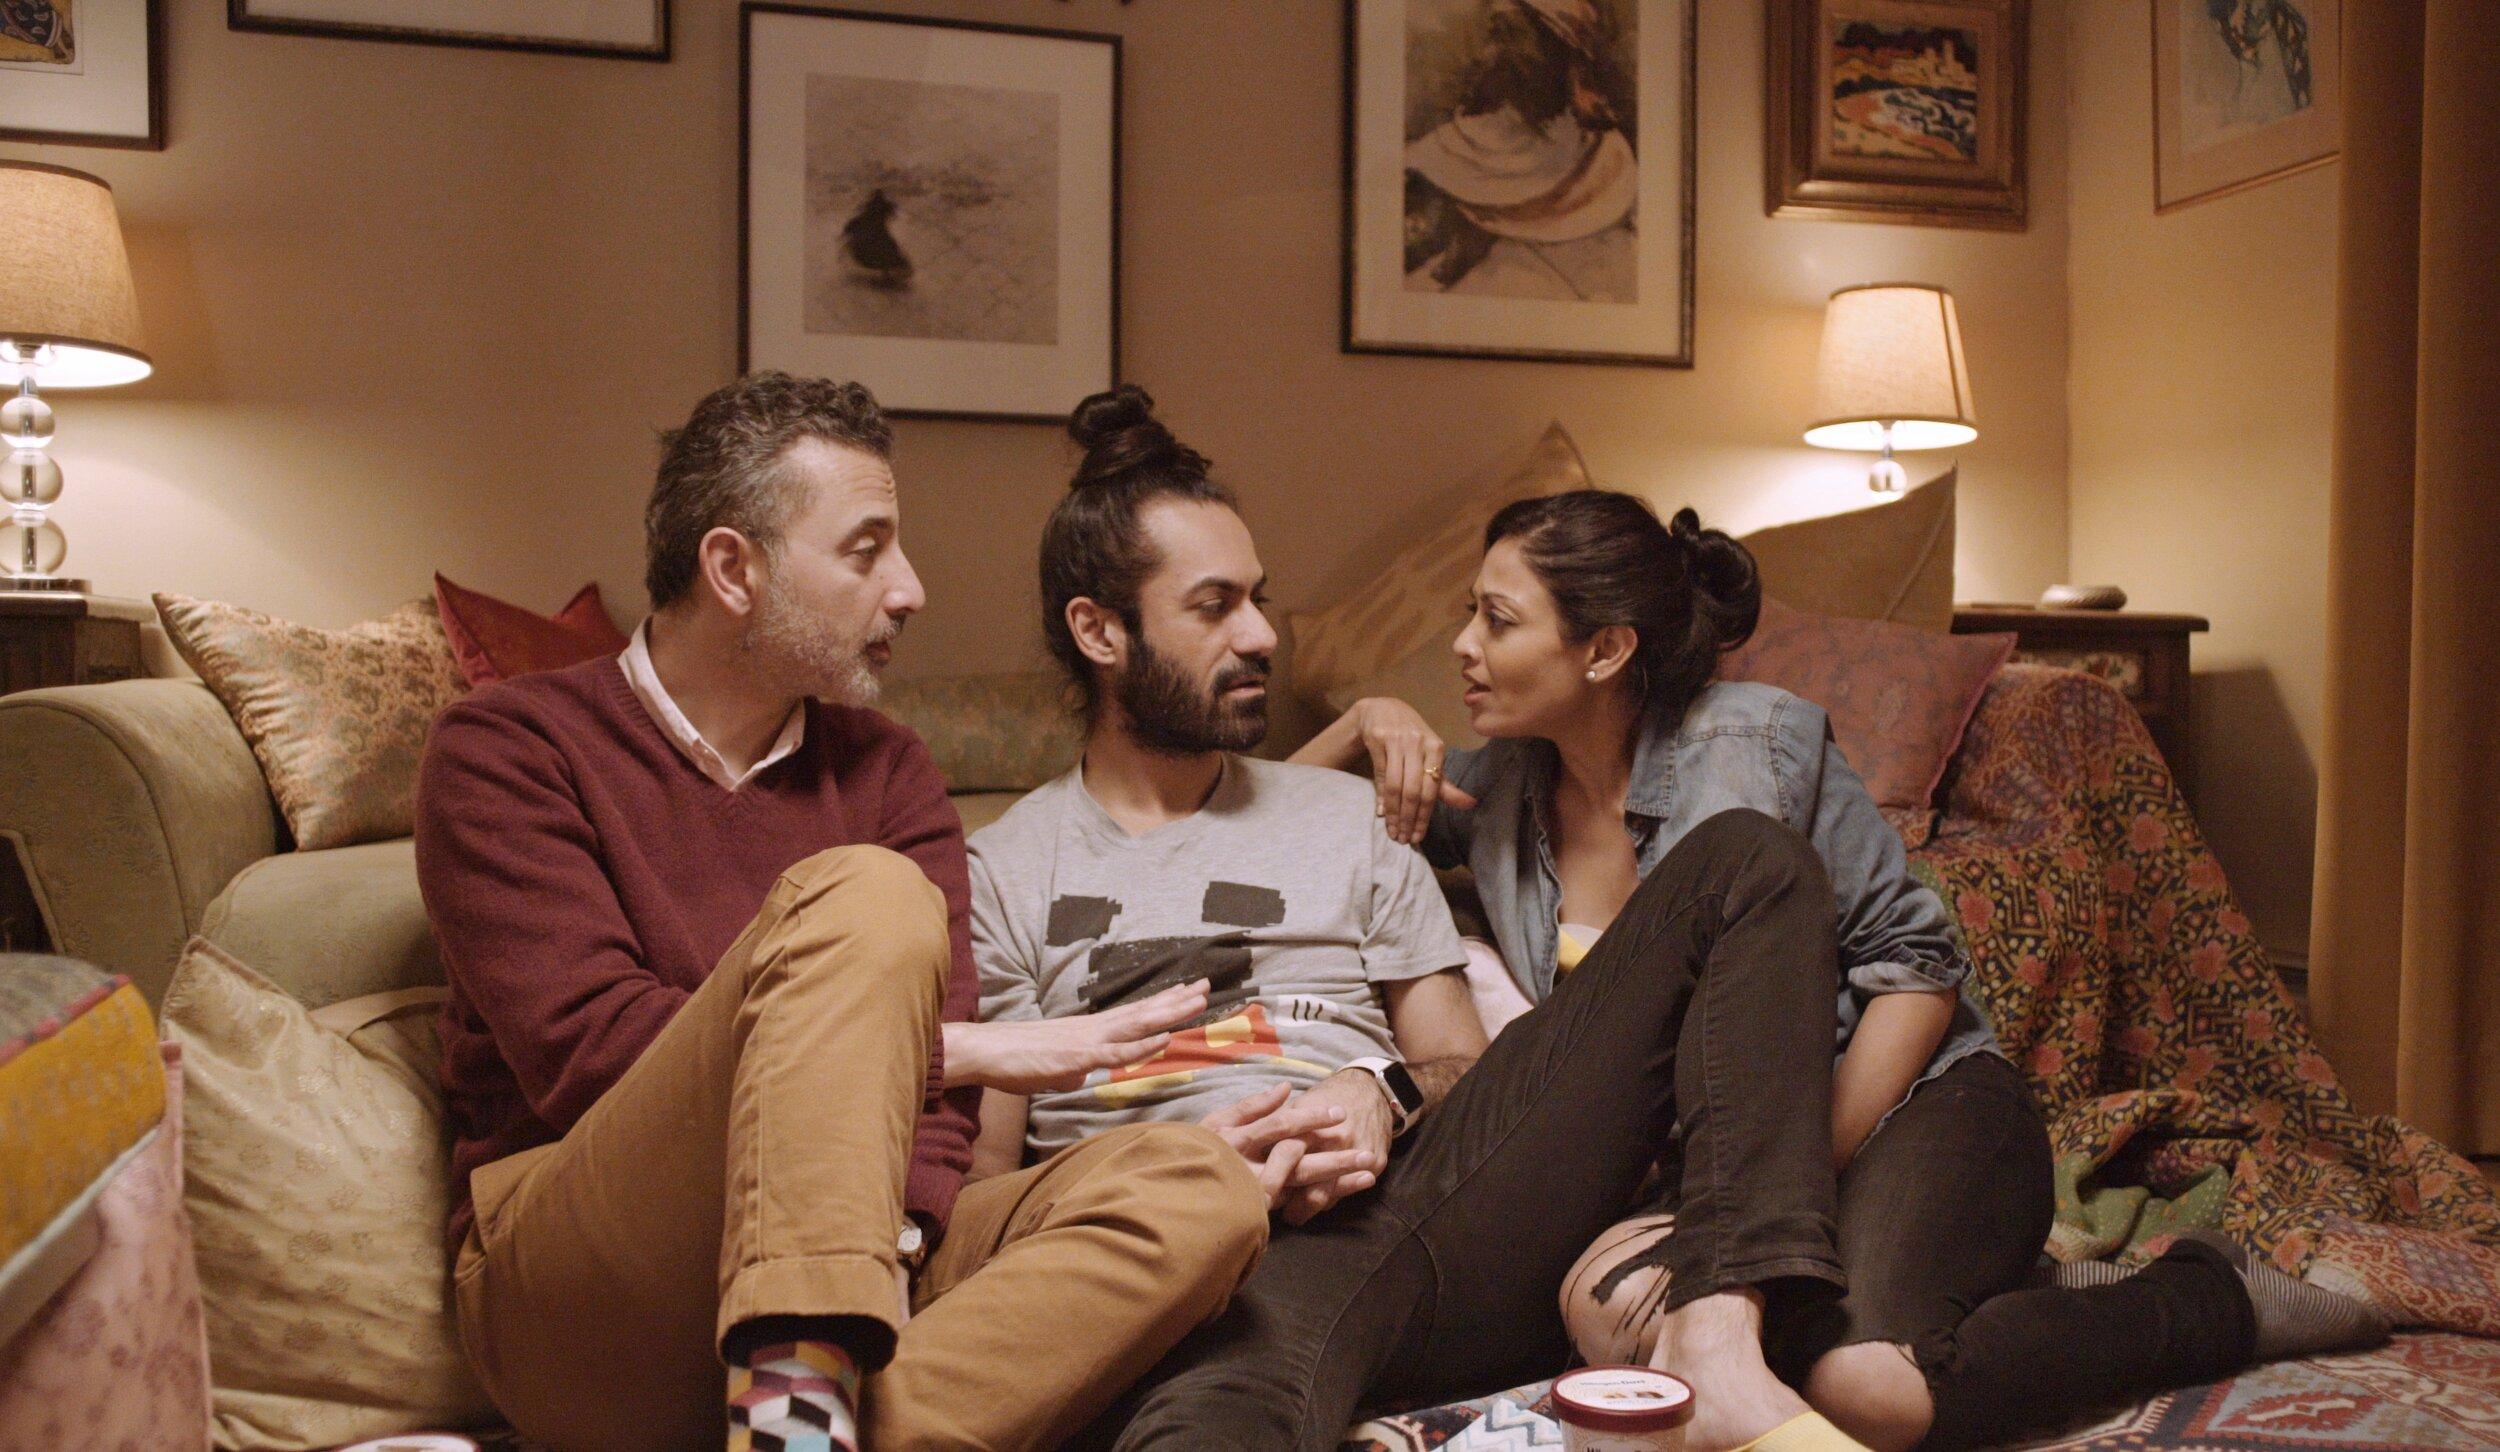 Agency Still - Saks Afridi as Saif, Sadiq Samani as Kartik and Ami Sheth as Anjali.jpeg